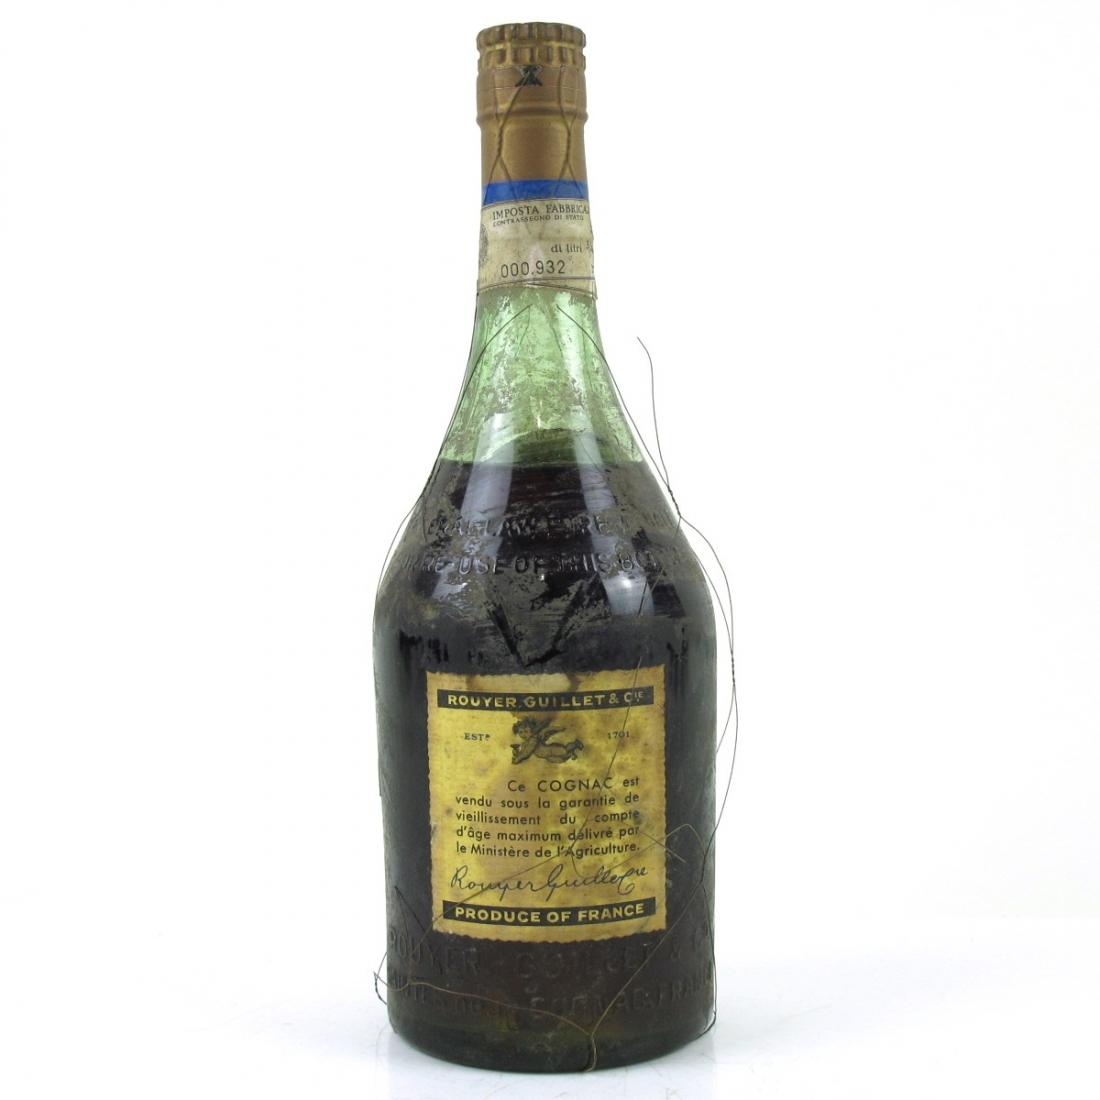 Rouyer Guillet 1865 Reseve De L'Ange Cognac